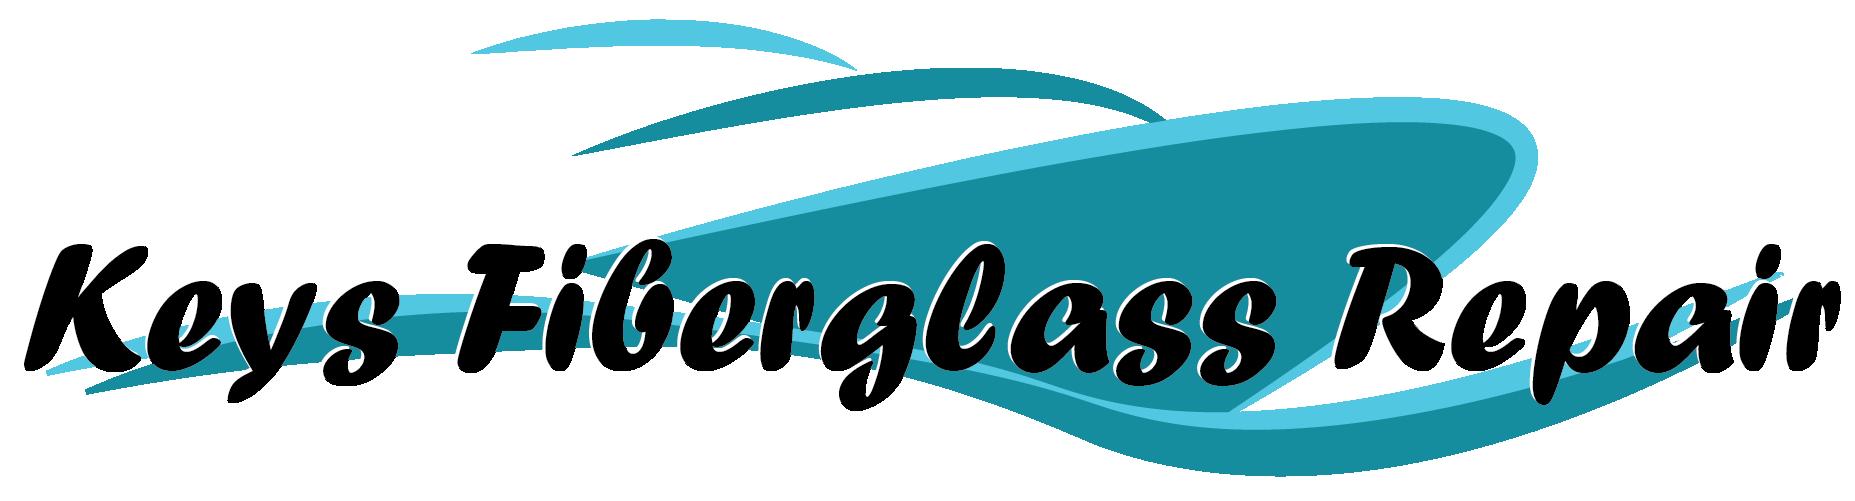 Keys Fiberglass Repair